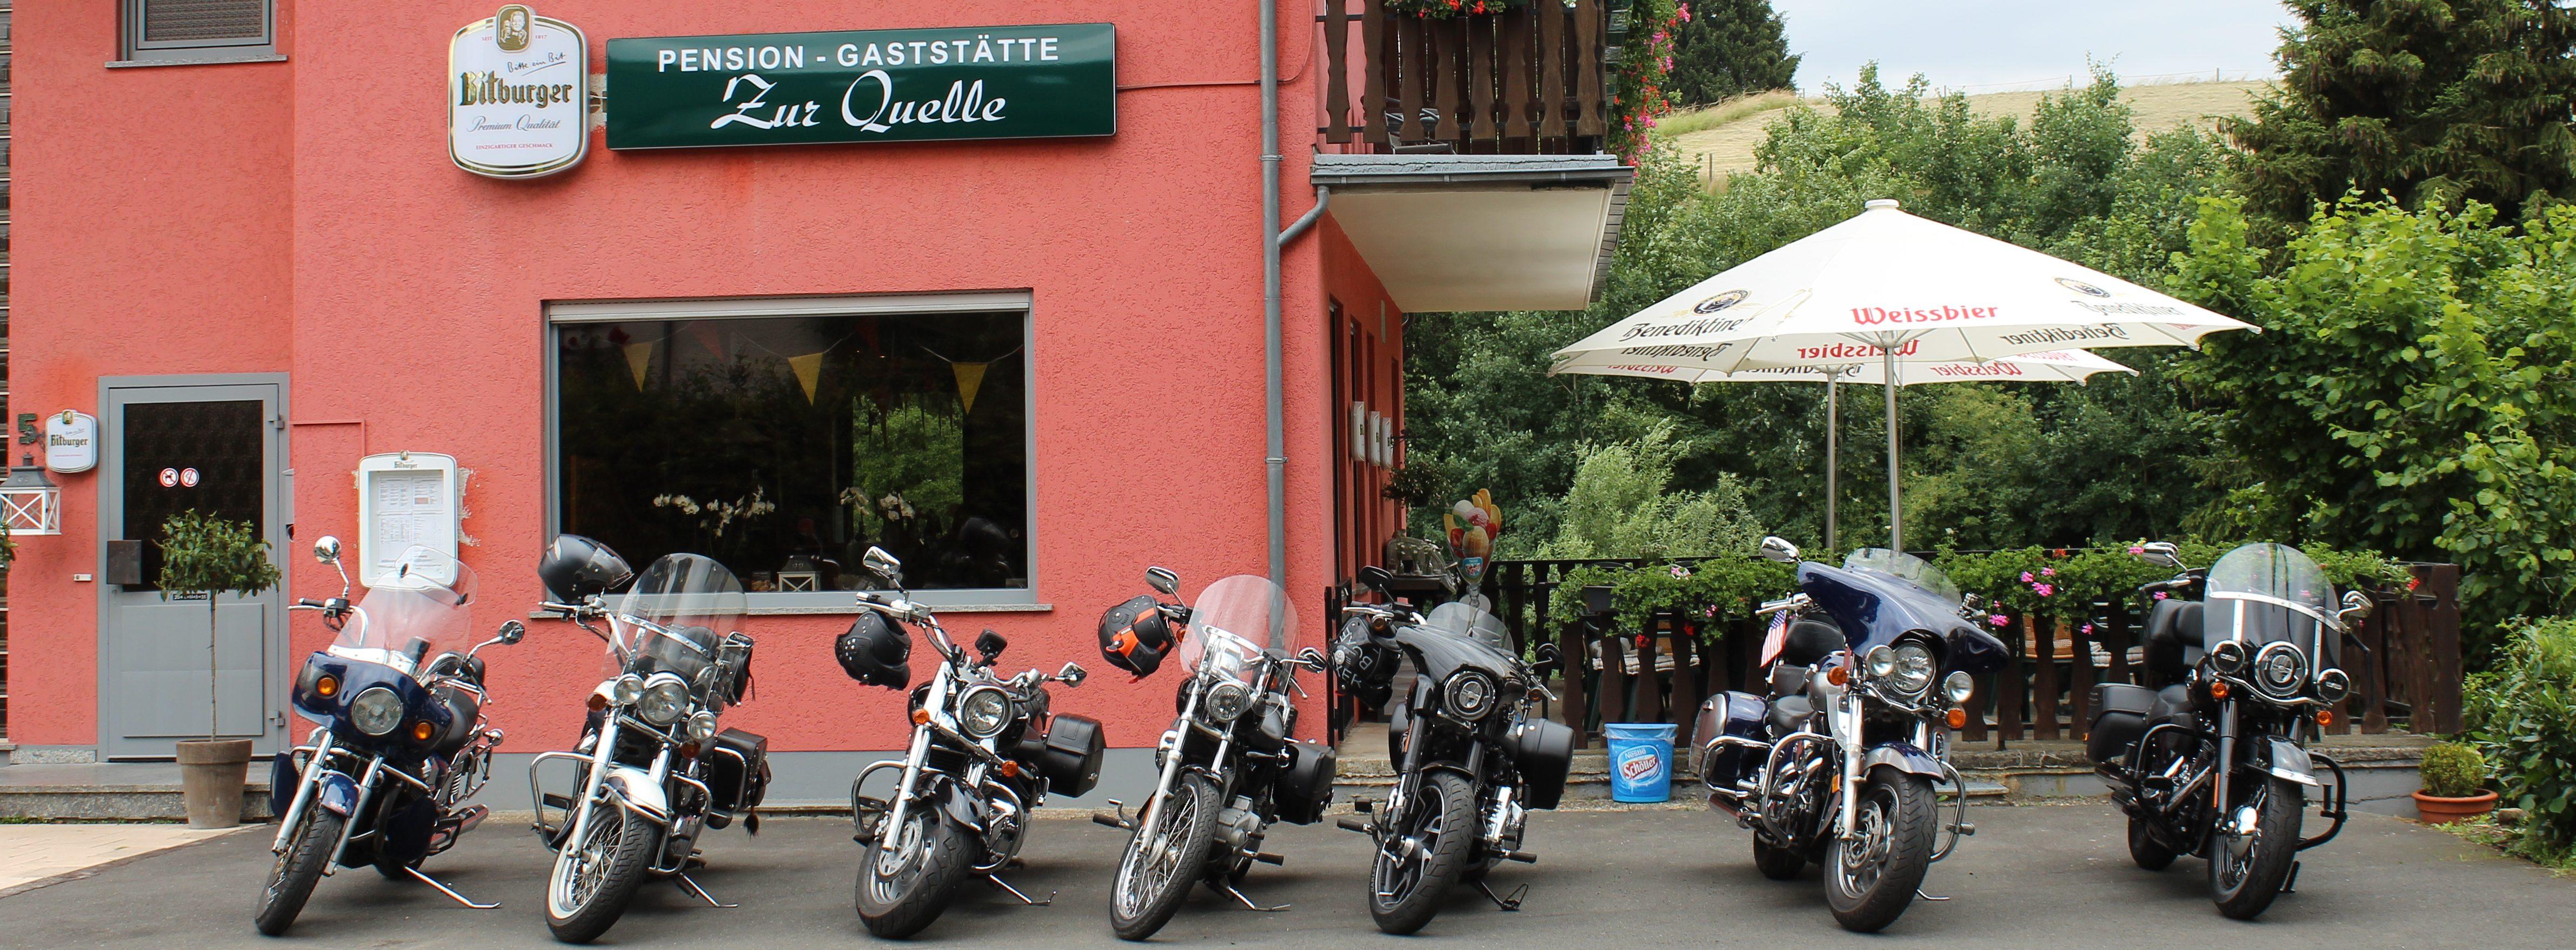 Pension-Gaststätte Zur Quelle GbR